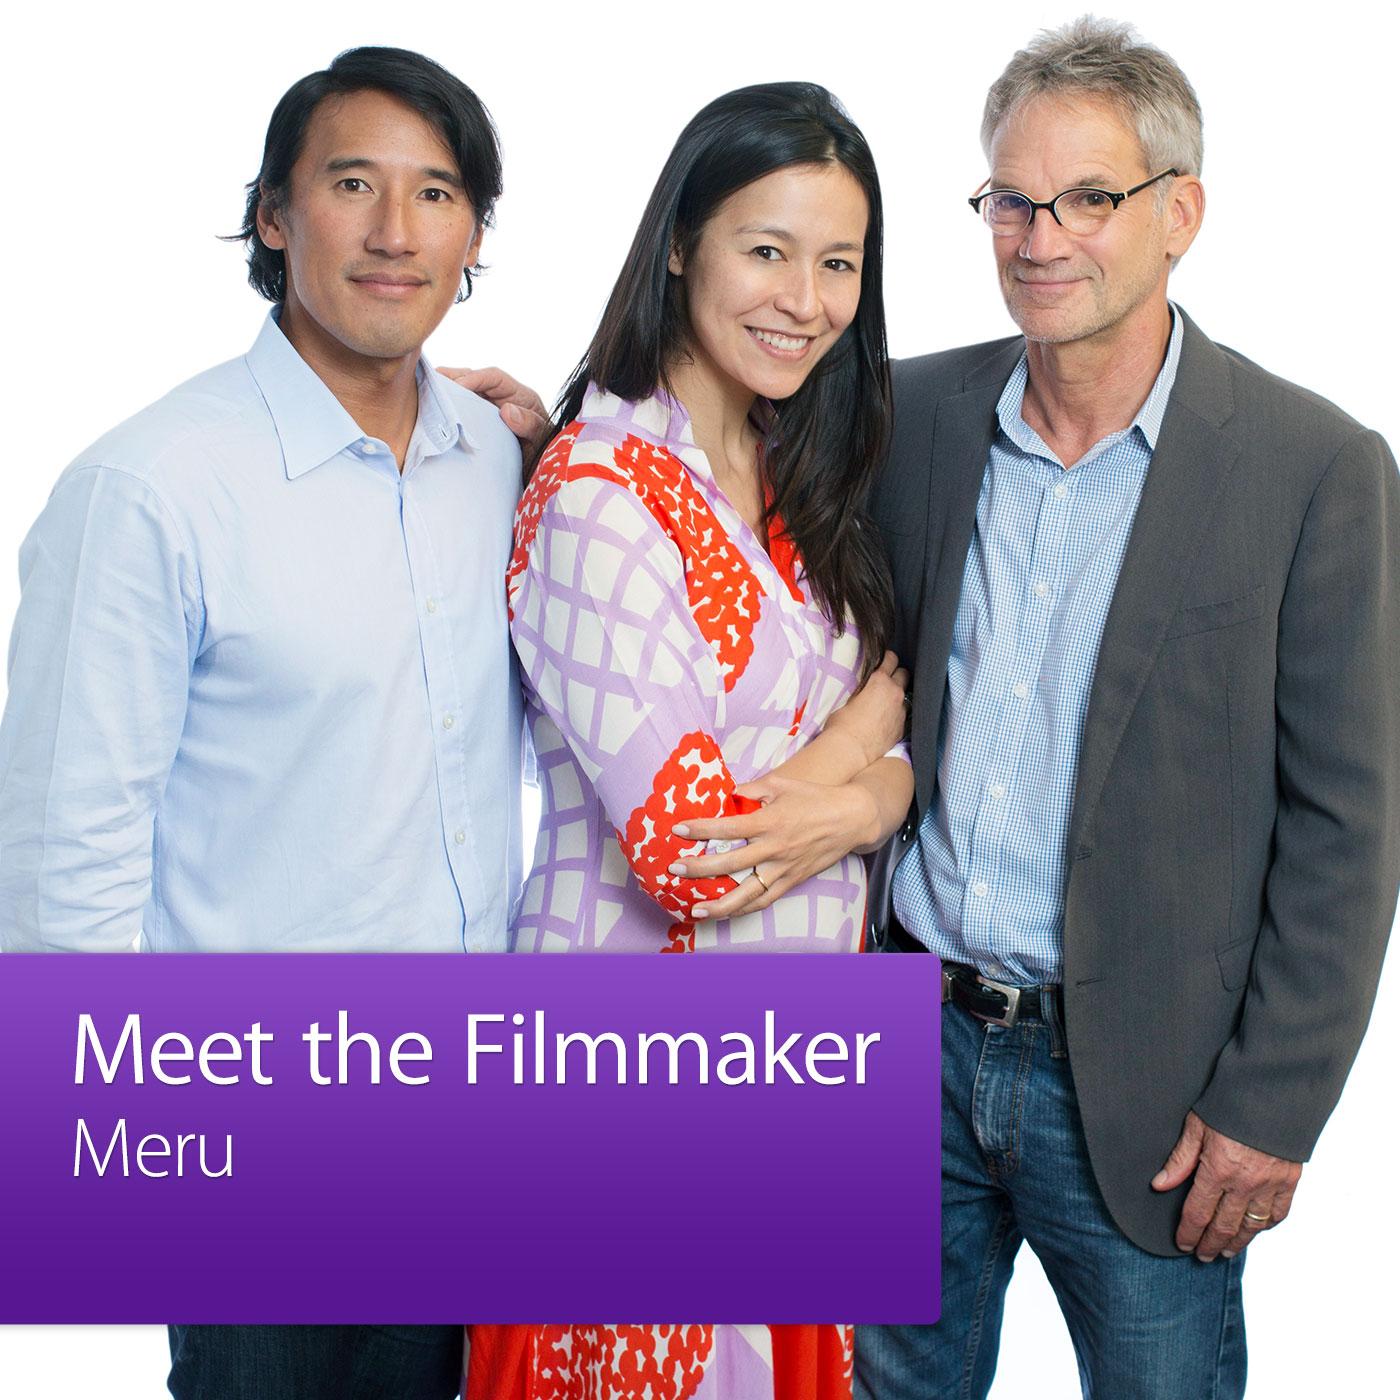 Meru: Meet the Filmmaker